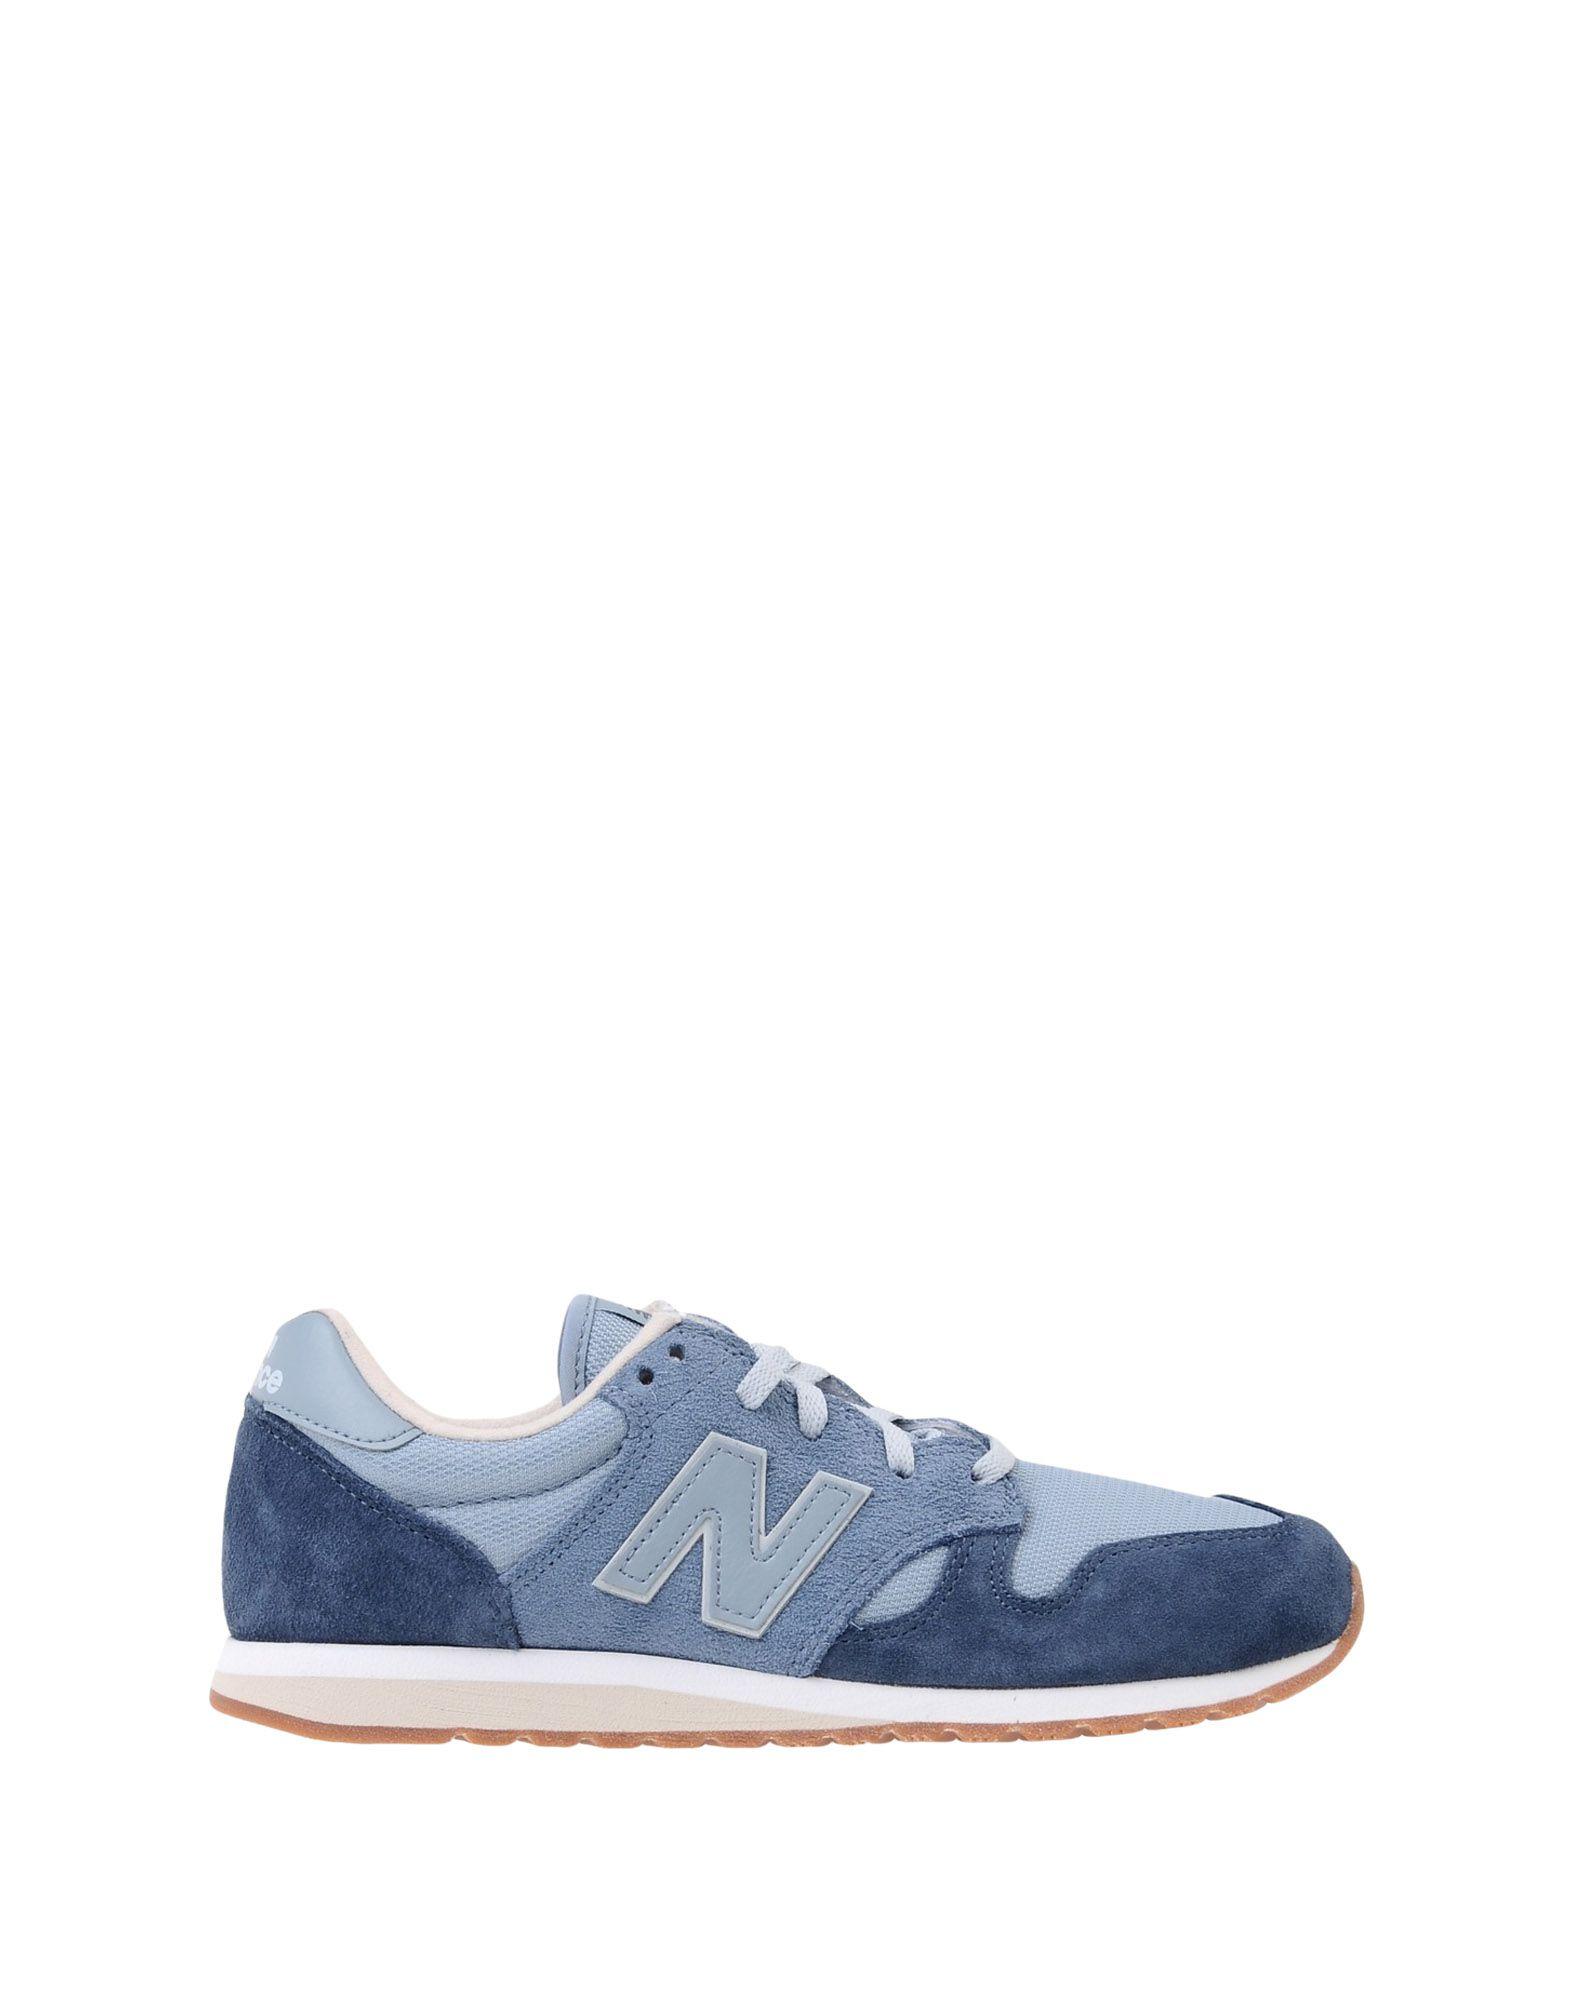 New Balance 520 Tier beliebte 2  11470685XV Gute Qualität beliebte Tier Schuhe a3cb4b